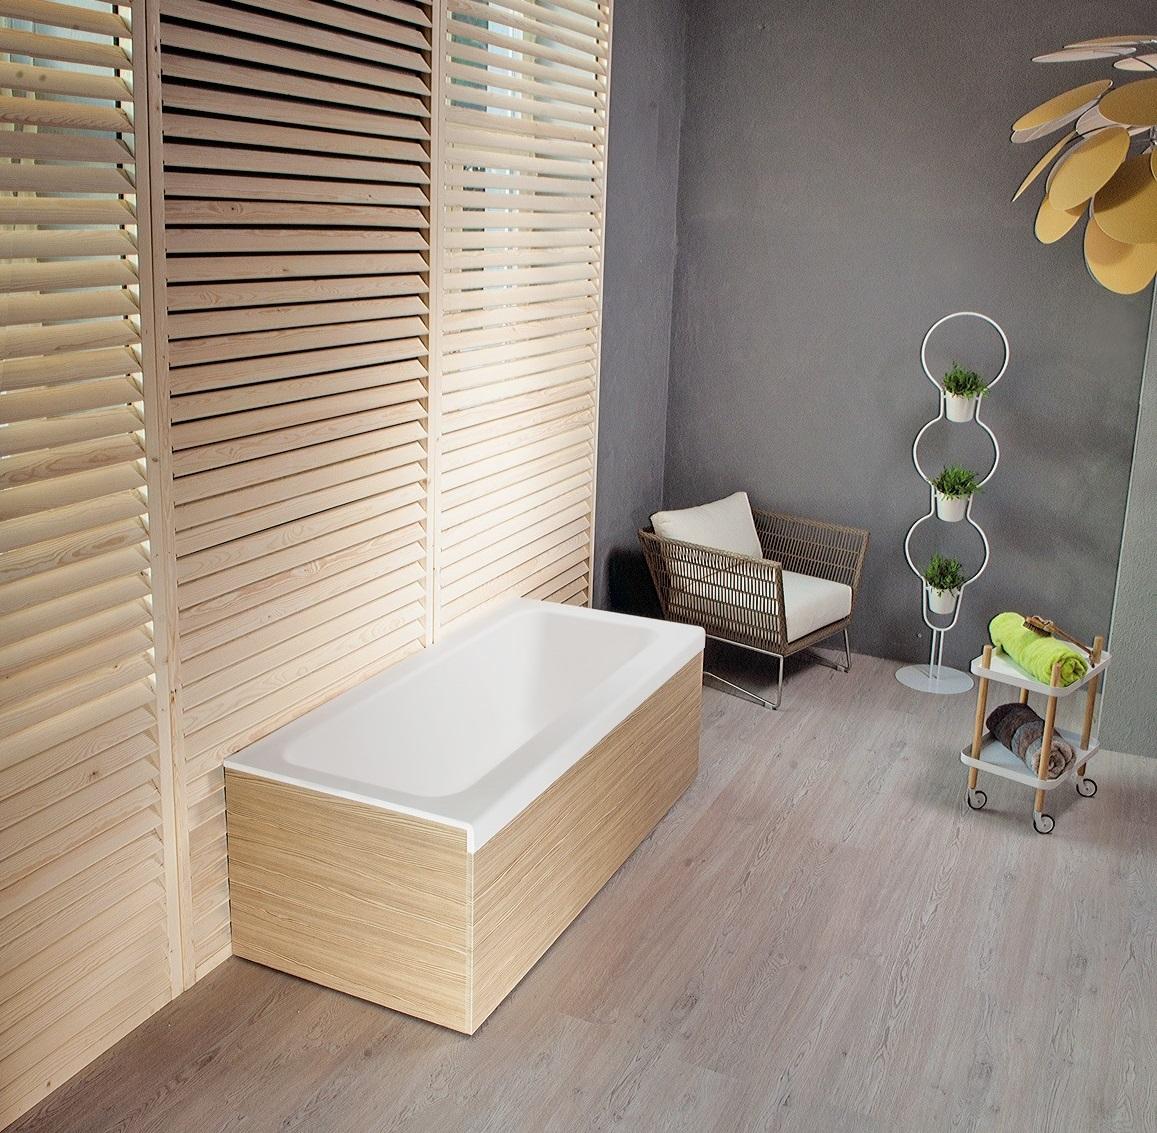 Pure 1l by aquatica, la vasca da bagno freestanding in pietra con ...